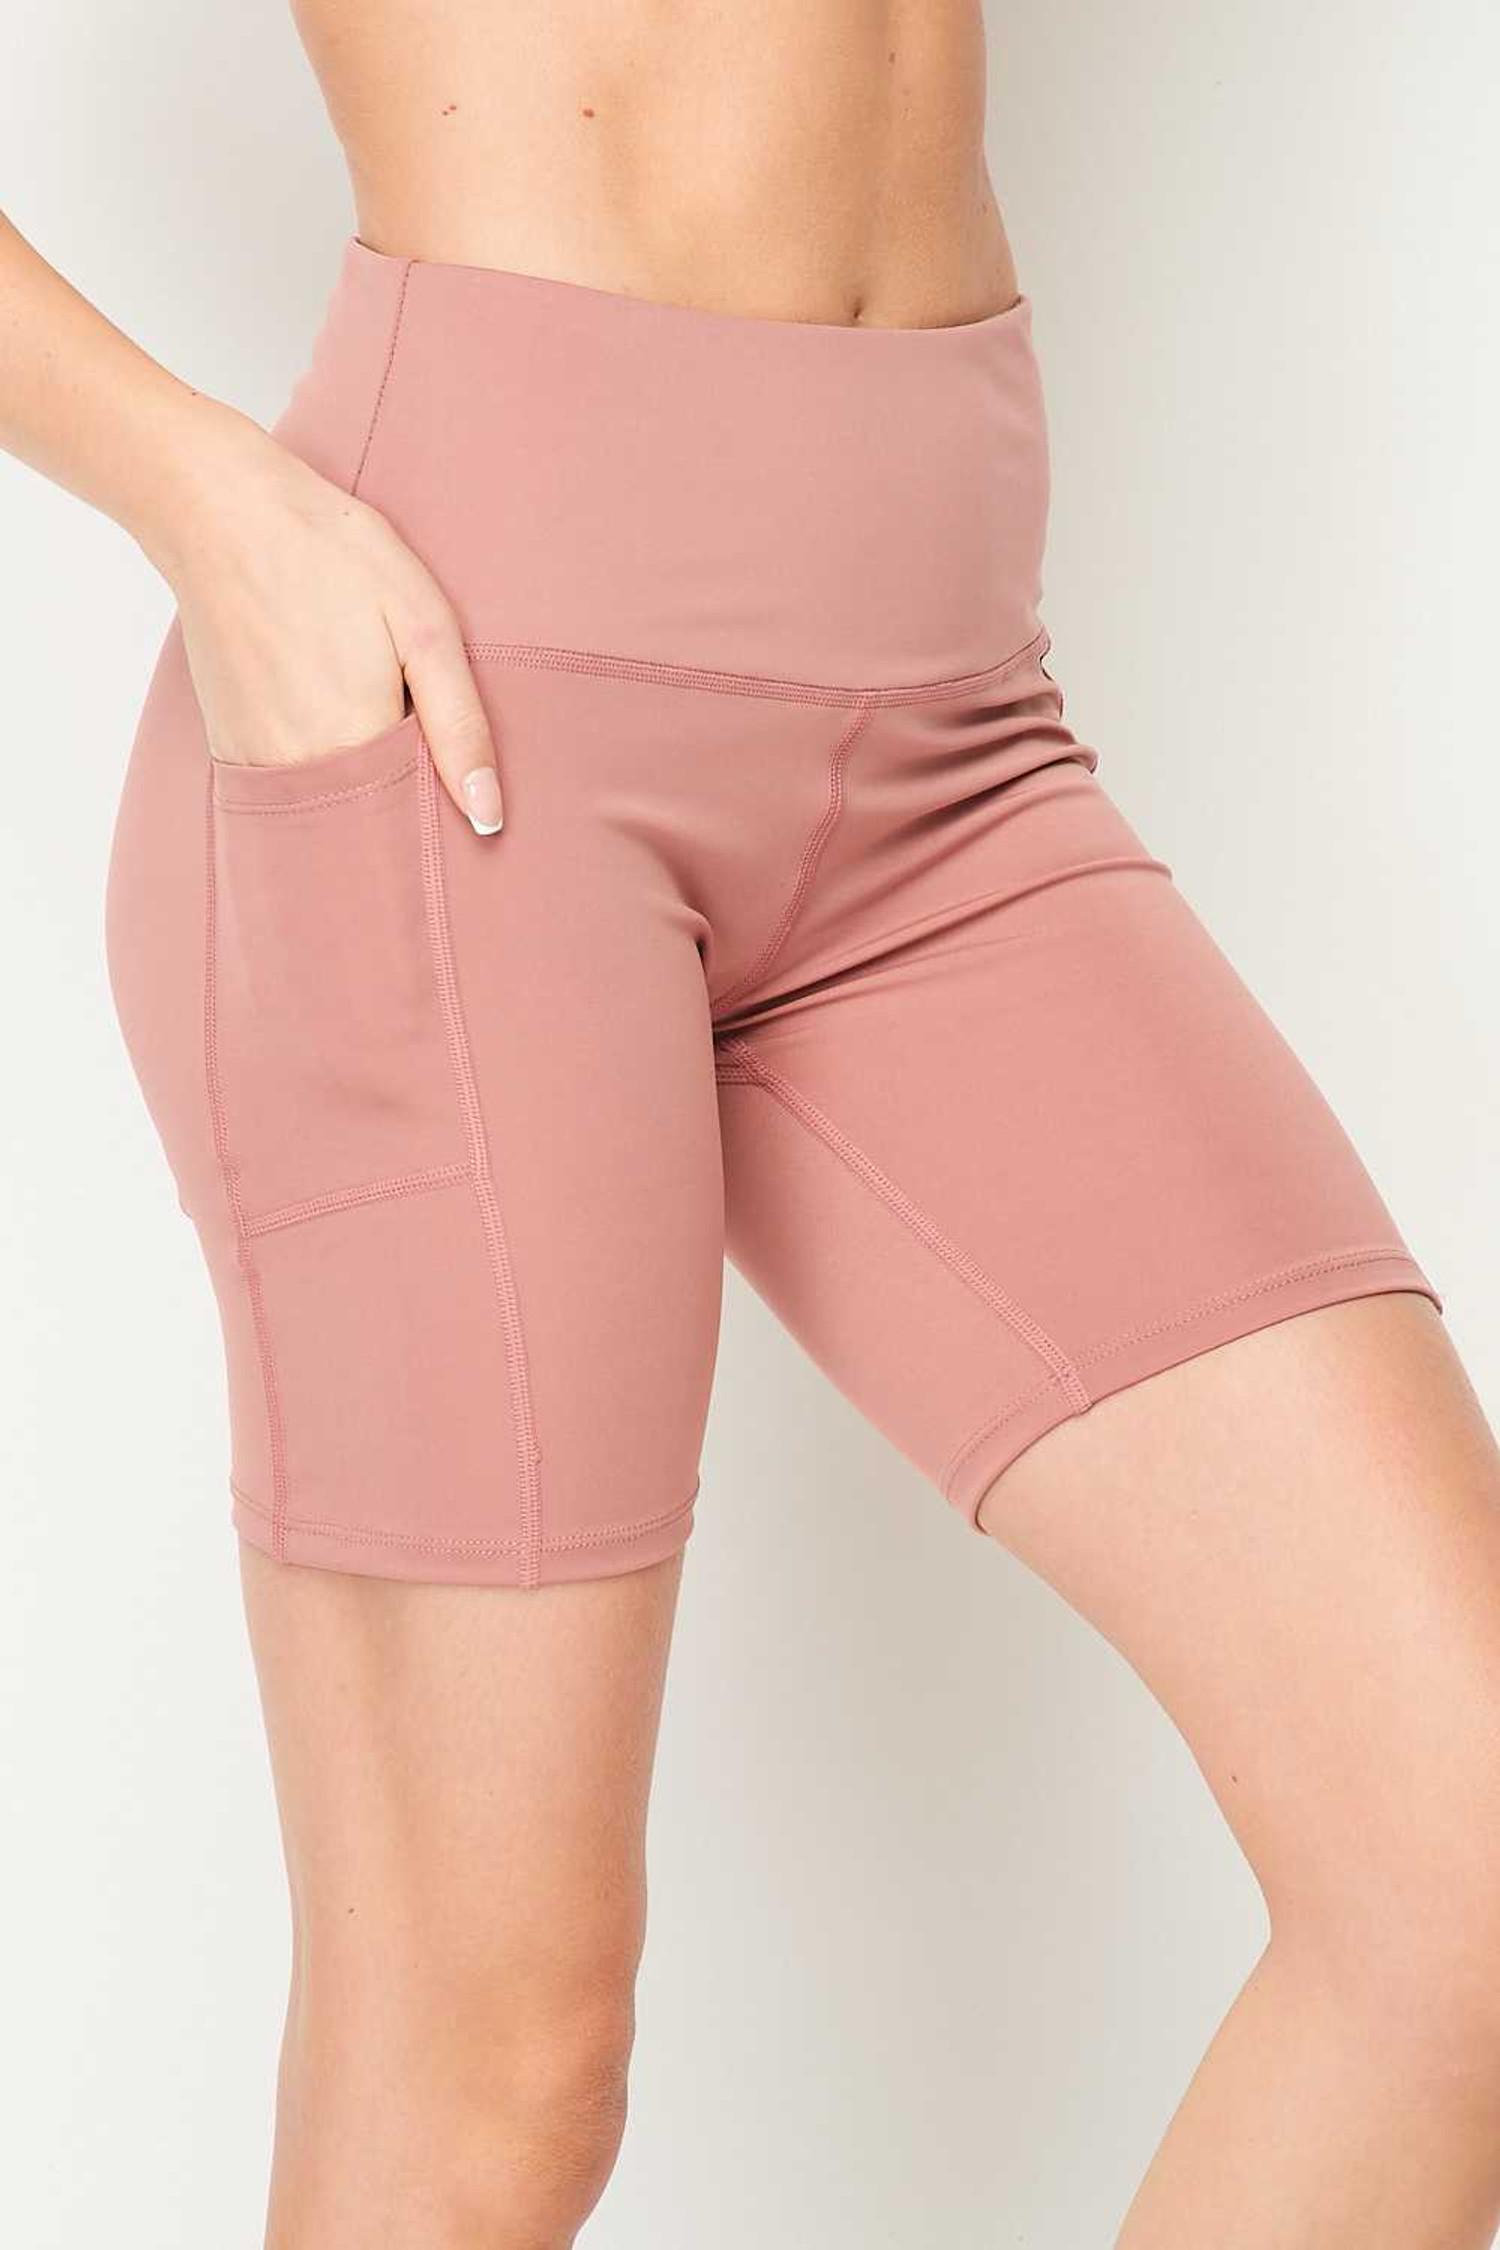 Sport High Waisted Biker Shorts